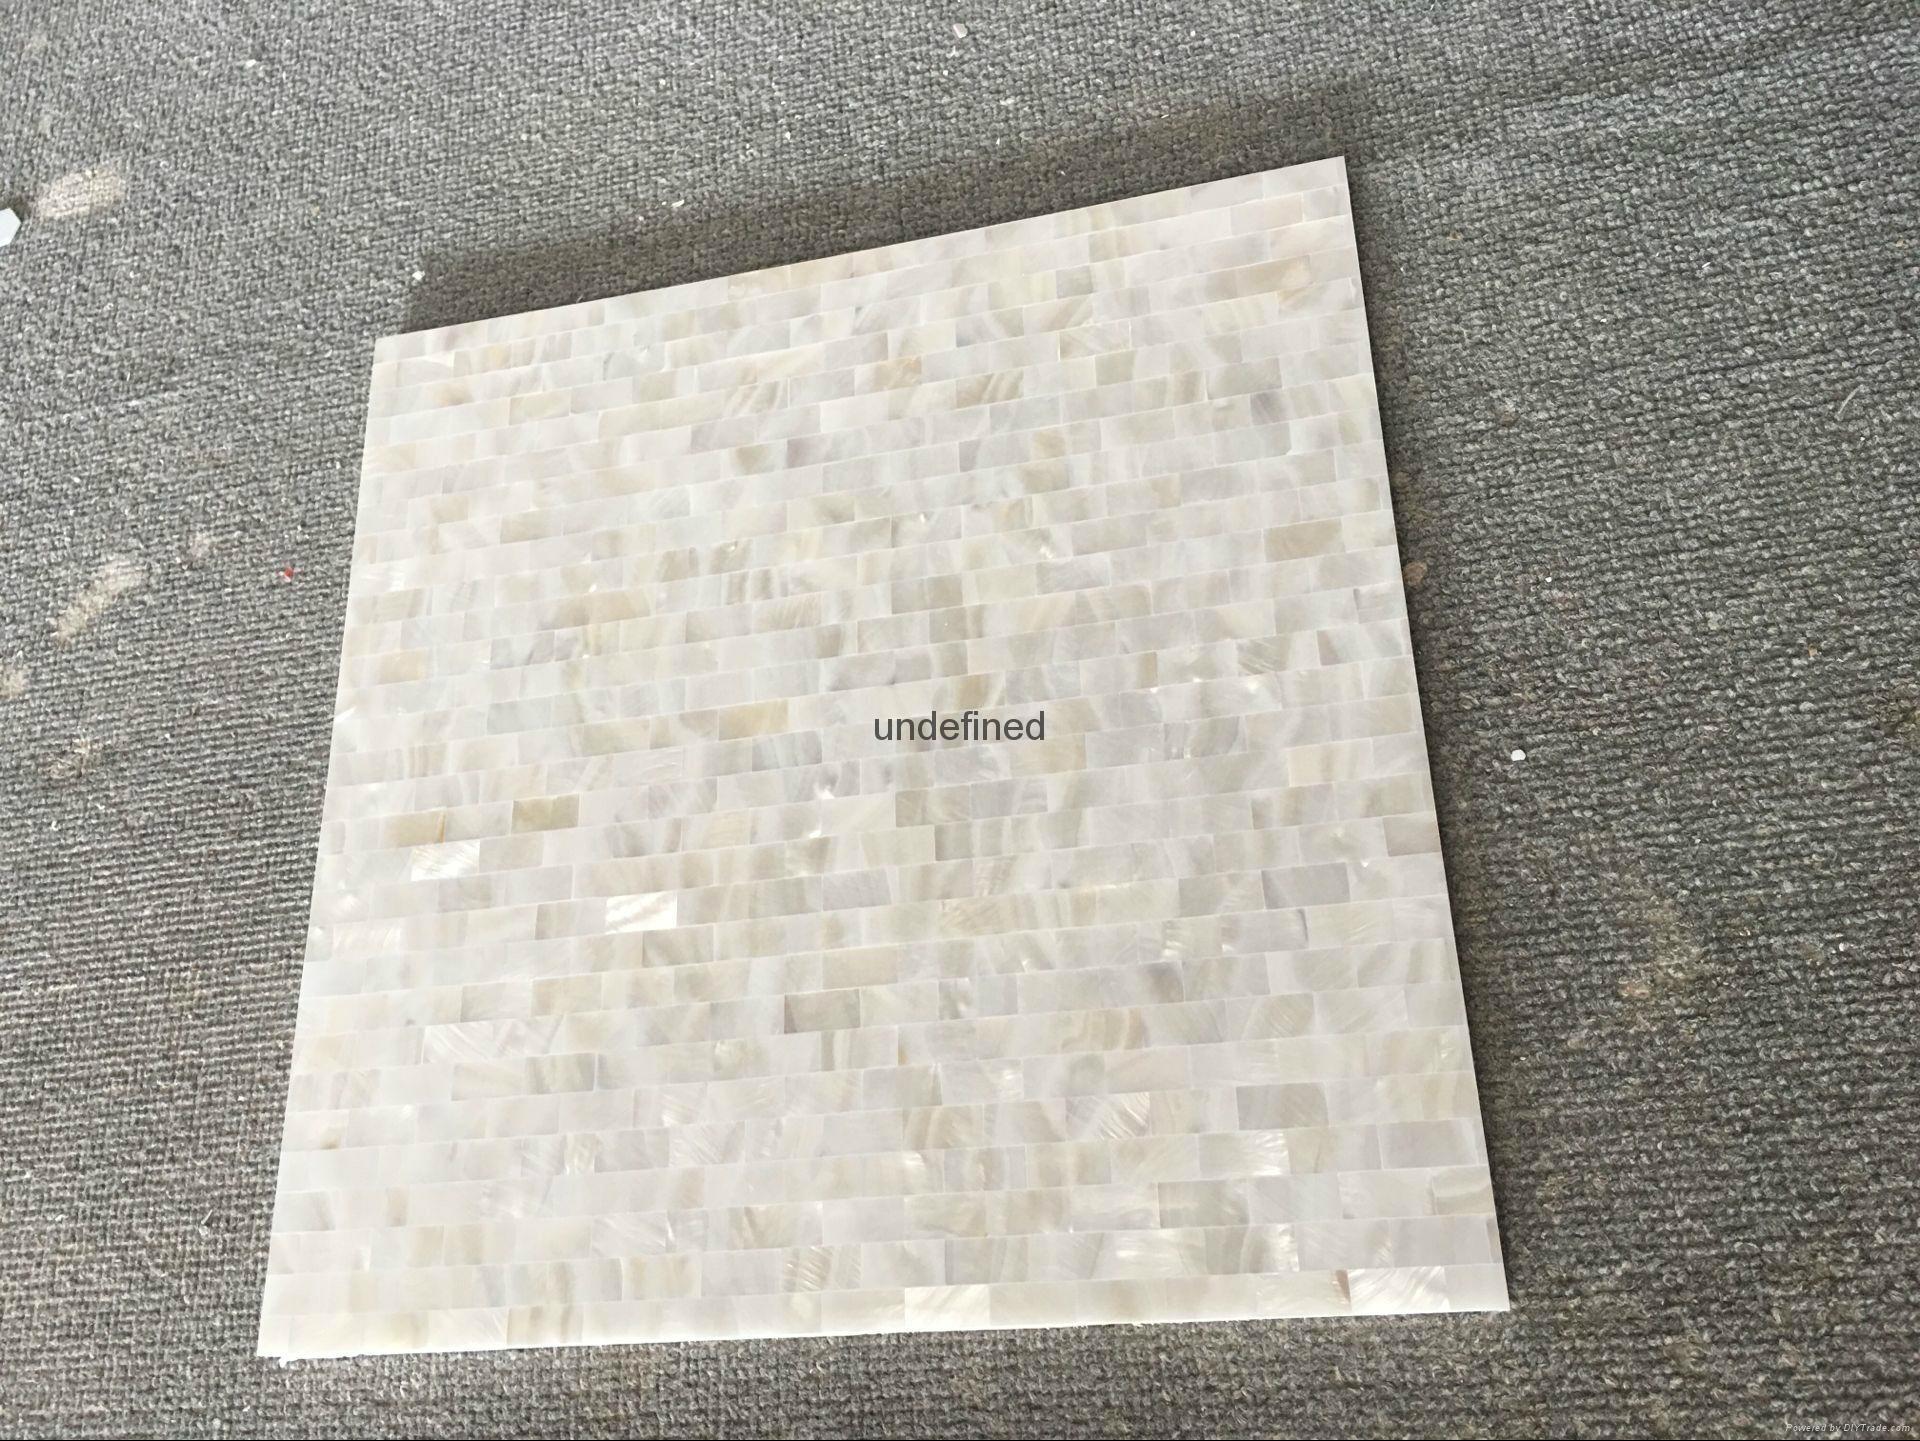 白色珍珠貝母貝殼馬賽克長方形工字拼酒櫃貼 4